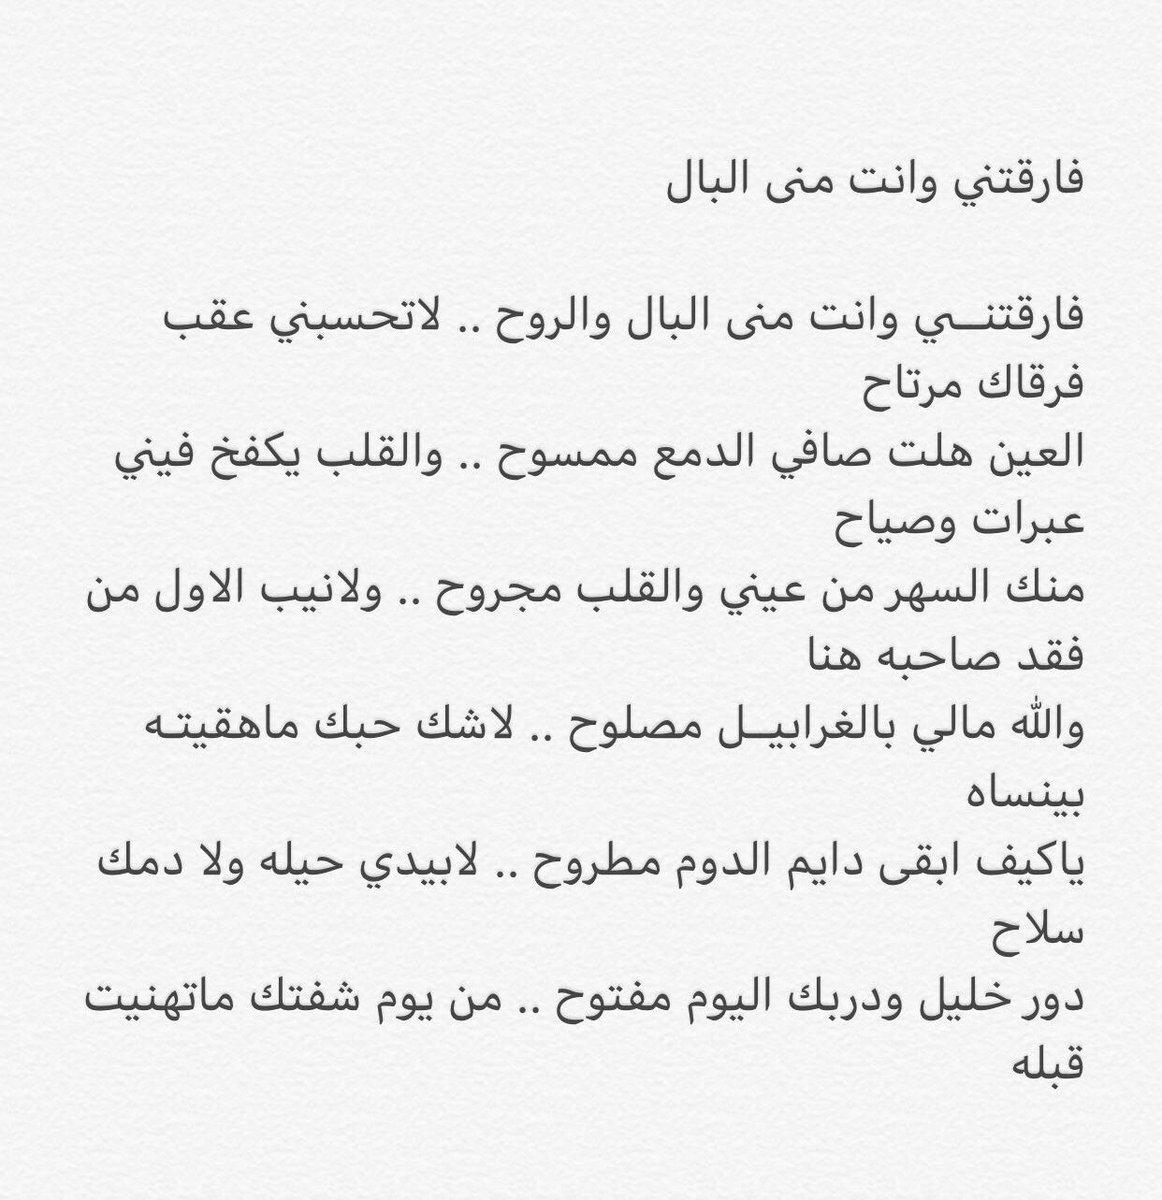 عبارات حزينه عن موت الاب تويتر